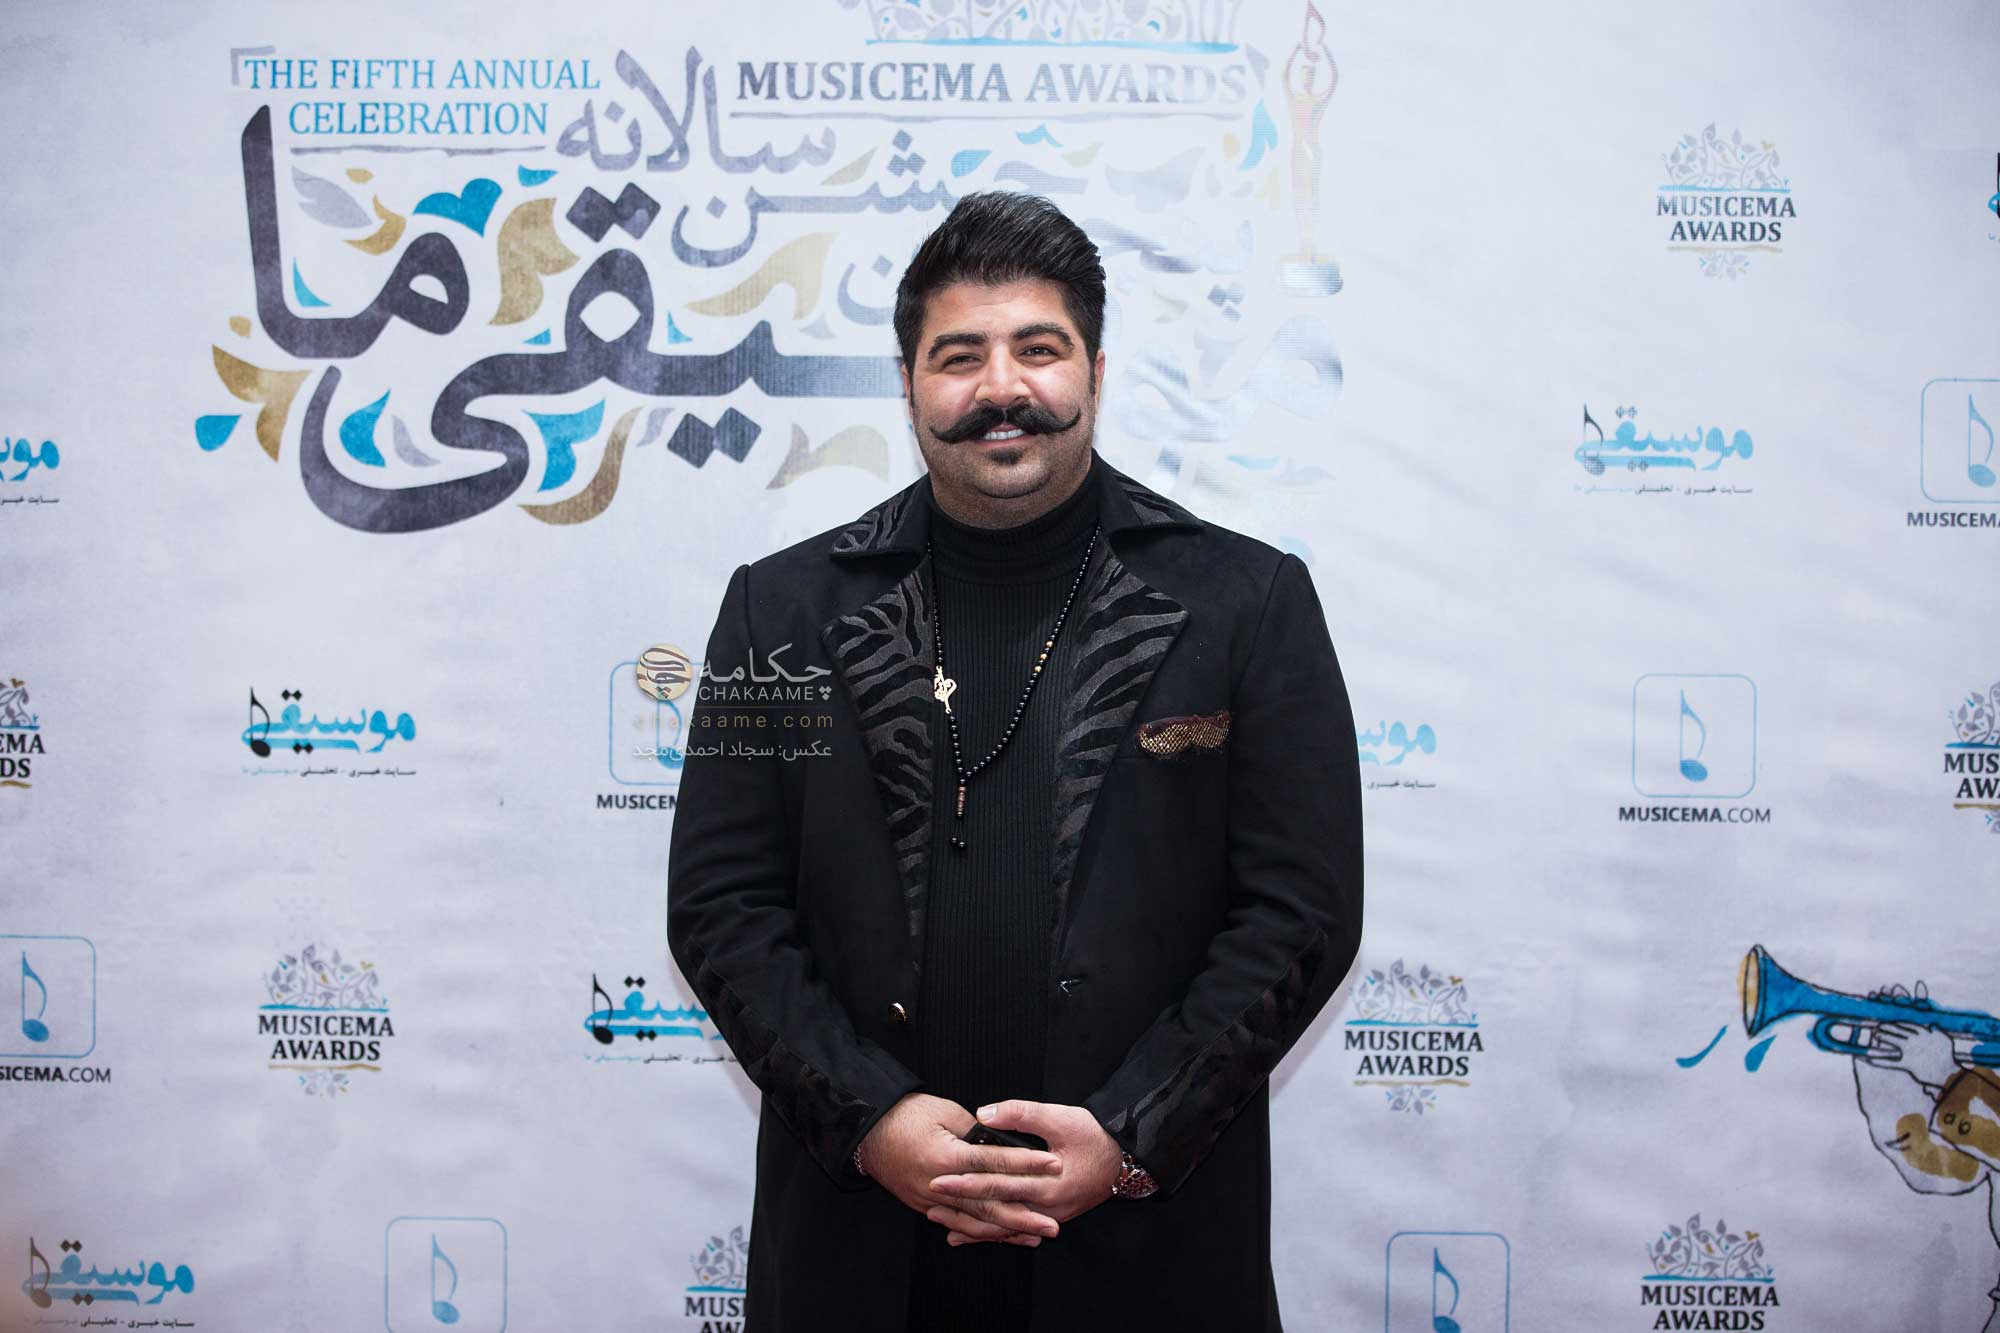 بهنام بانی - پنجمین جشن سالانه موسیقی ما